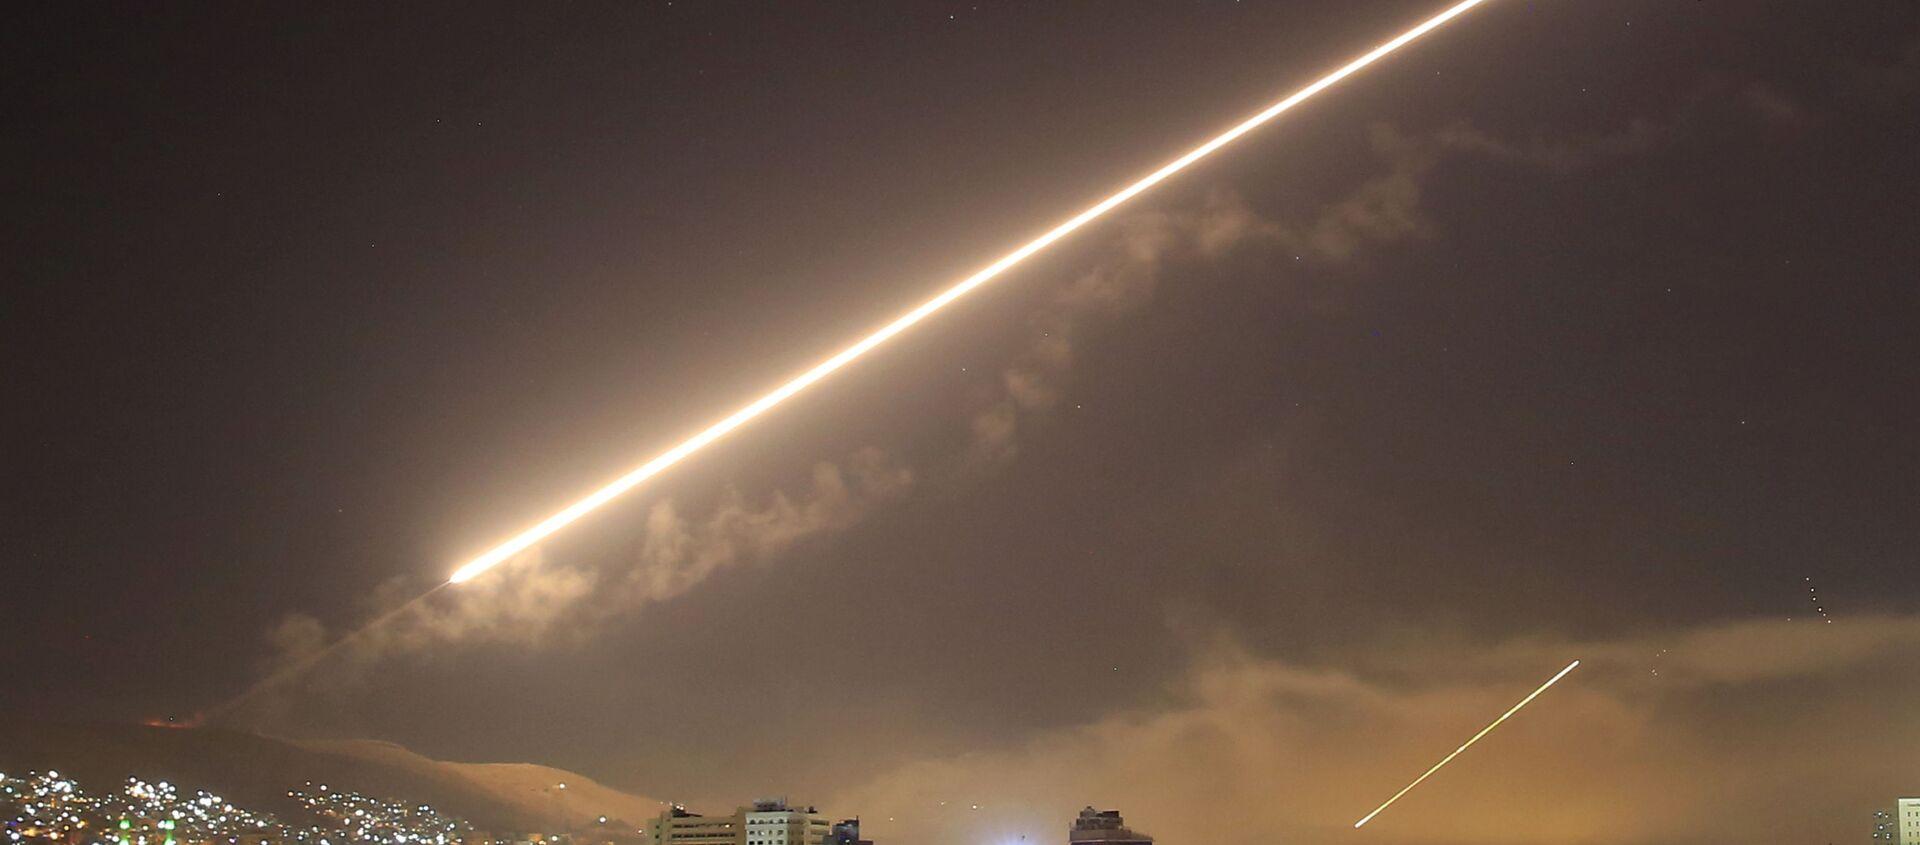 Americký útok v Sýrii v roce 2018. Ilustrační foto - Sputnik Česká republika, 1920, 26.02.2021